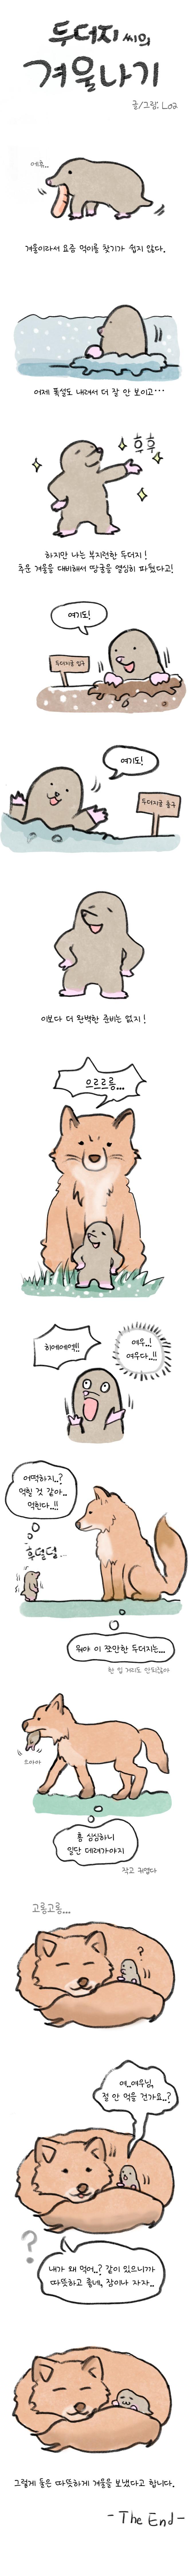 두더지씨의 겨울나기 copy.jpg